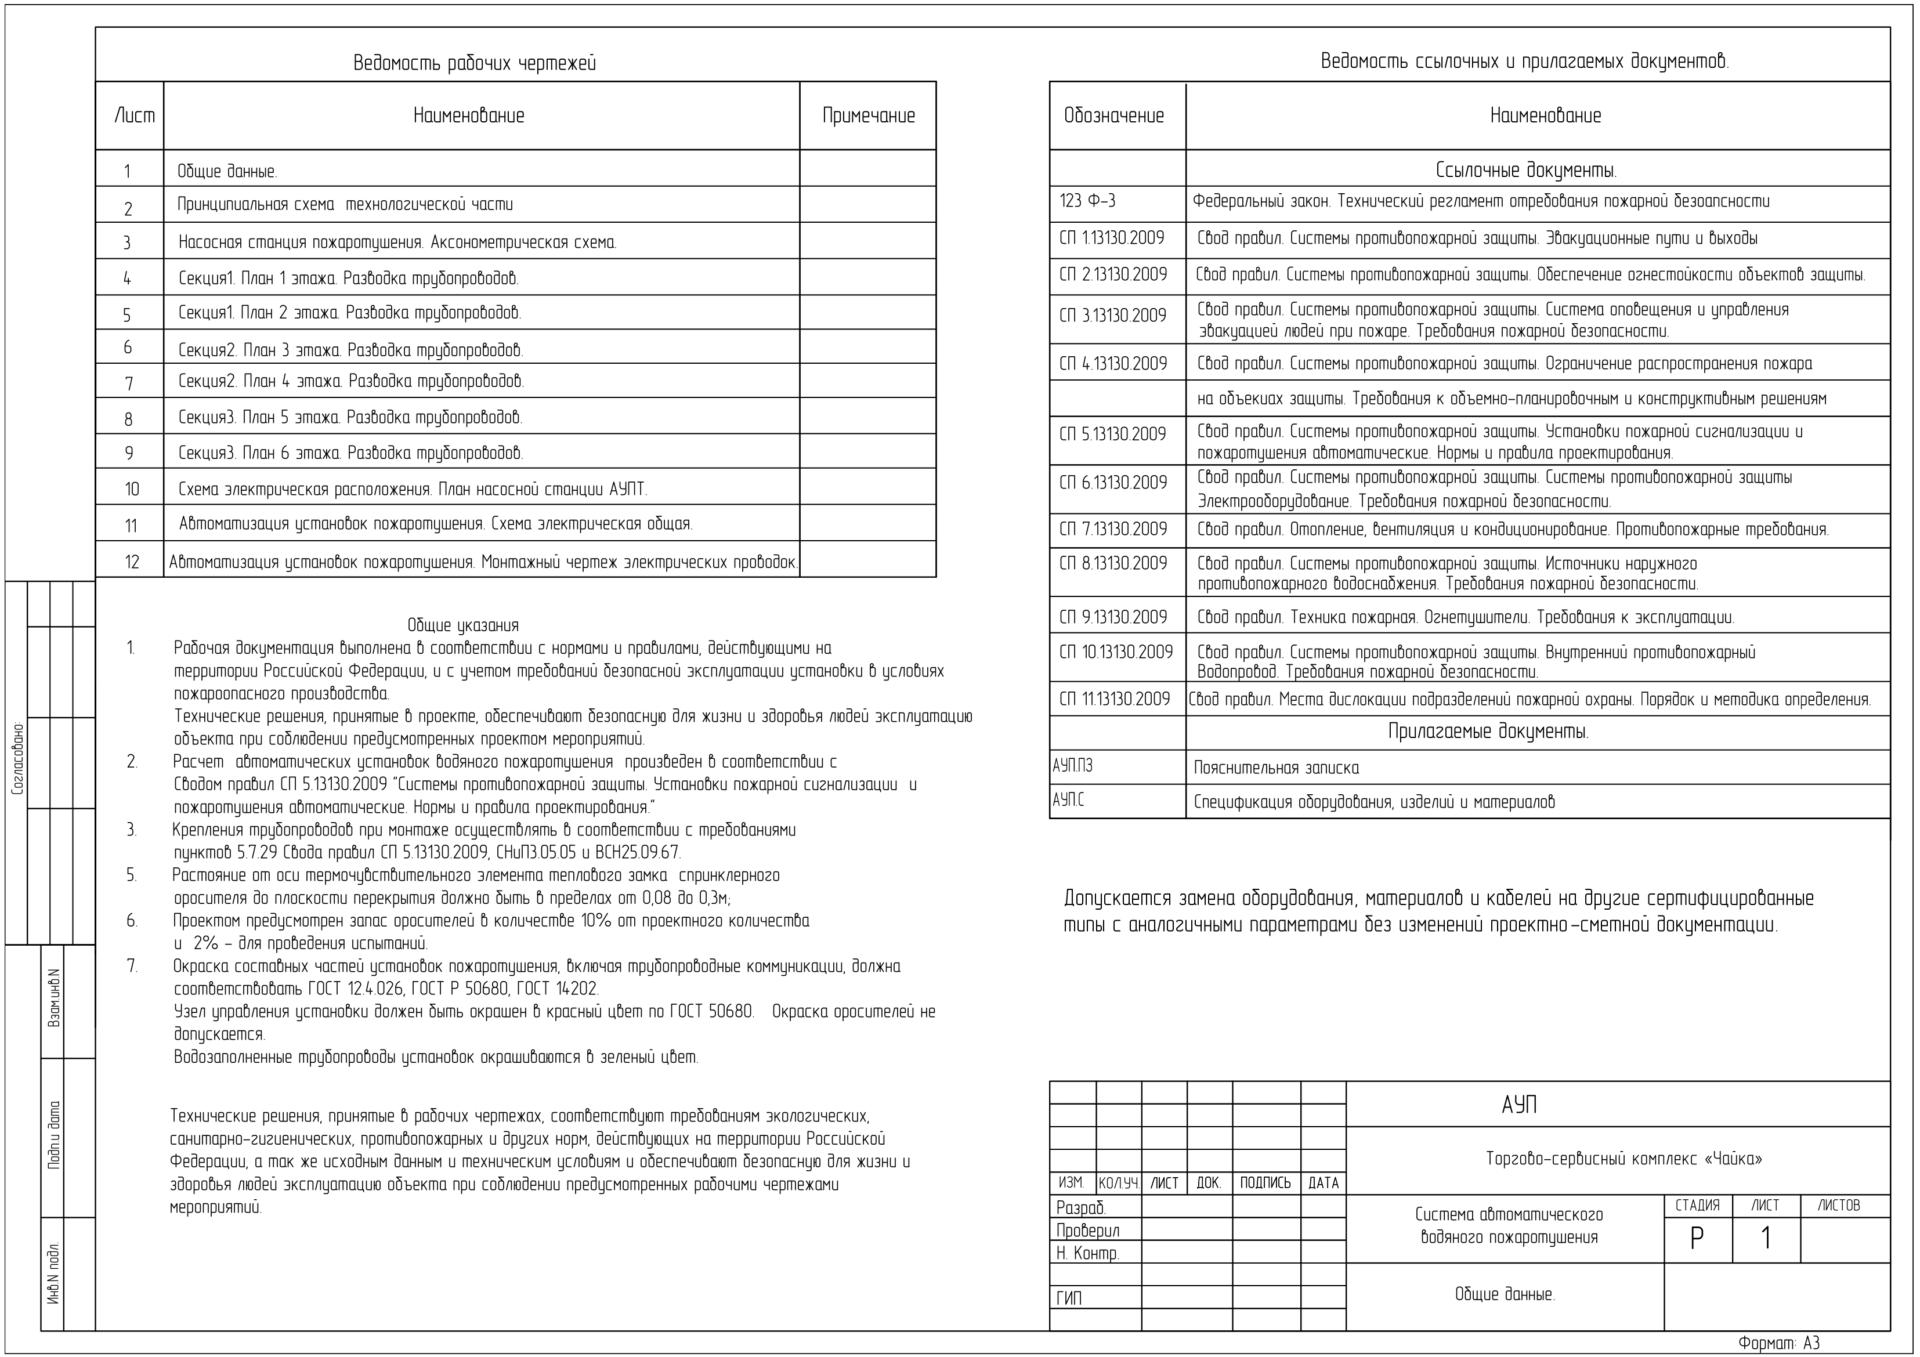 Проект системы АПТ по объекту Торгово-сервисный комплекс